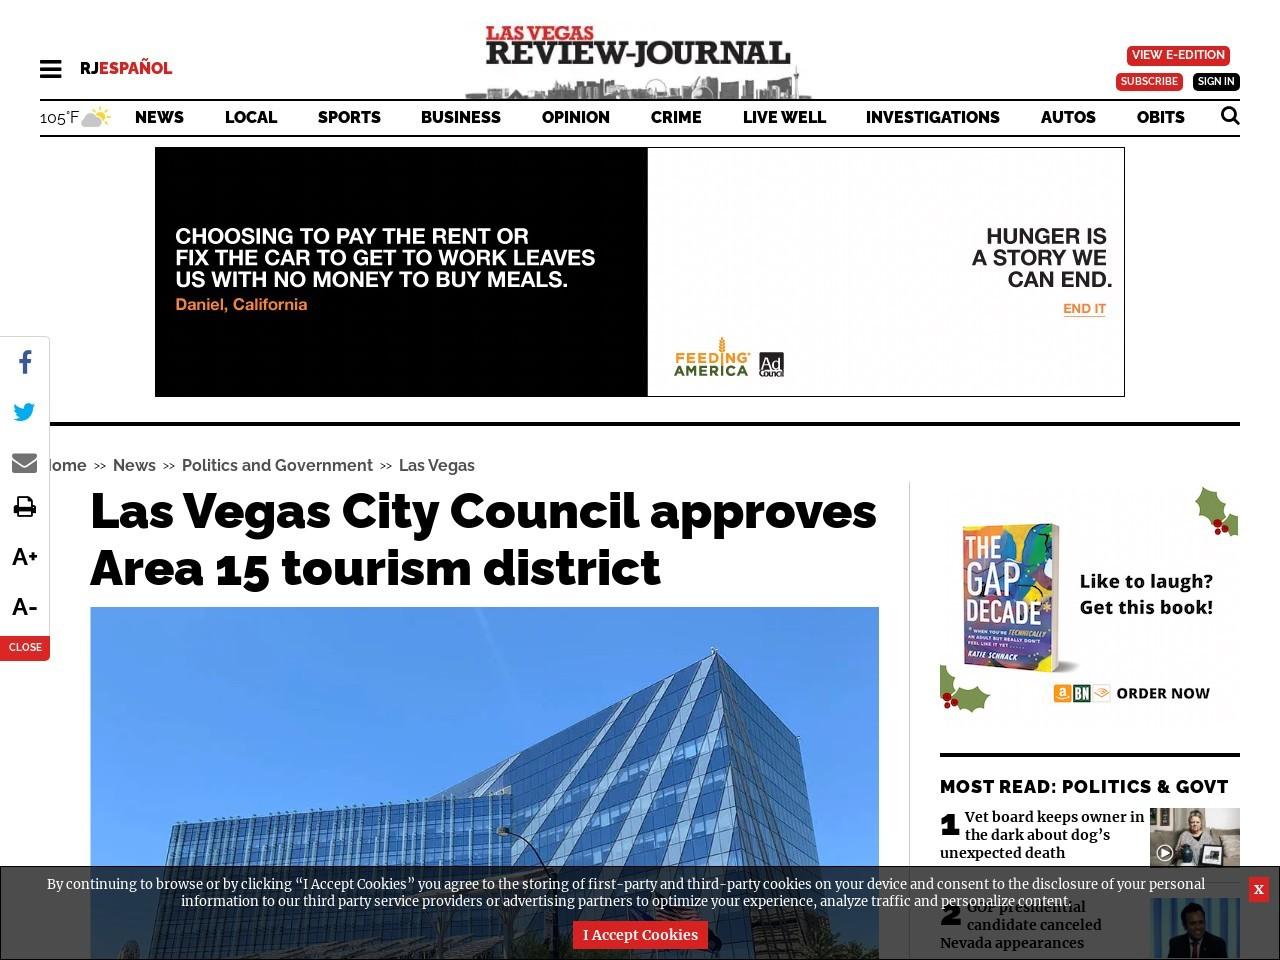 Las Vegas City Council approves Area 15 tourism district